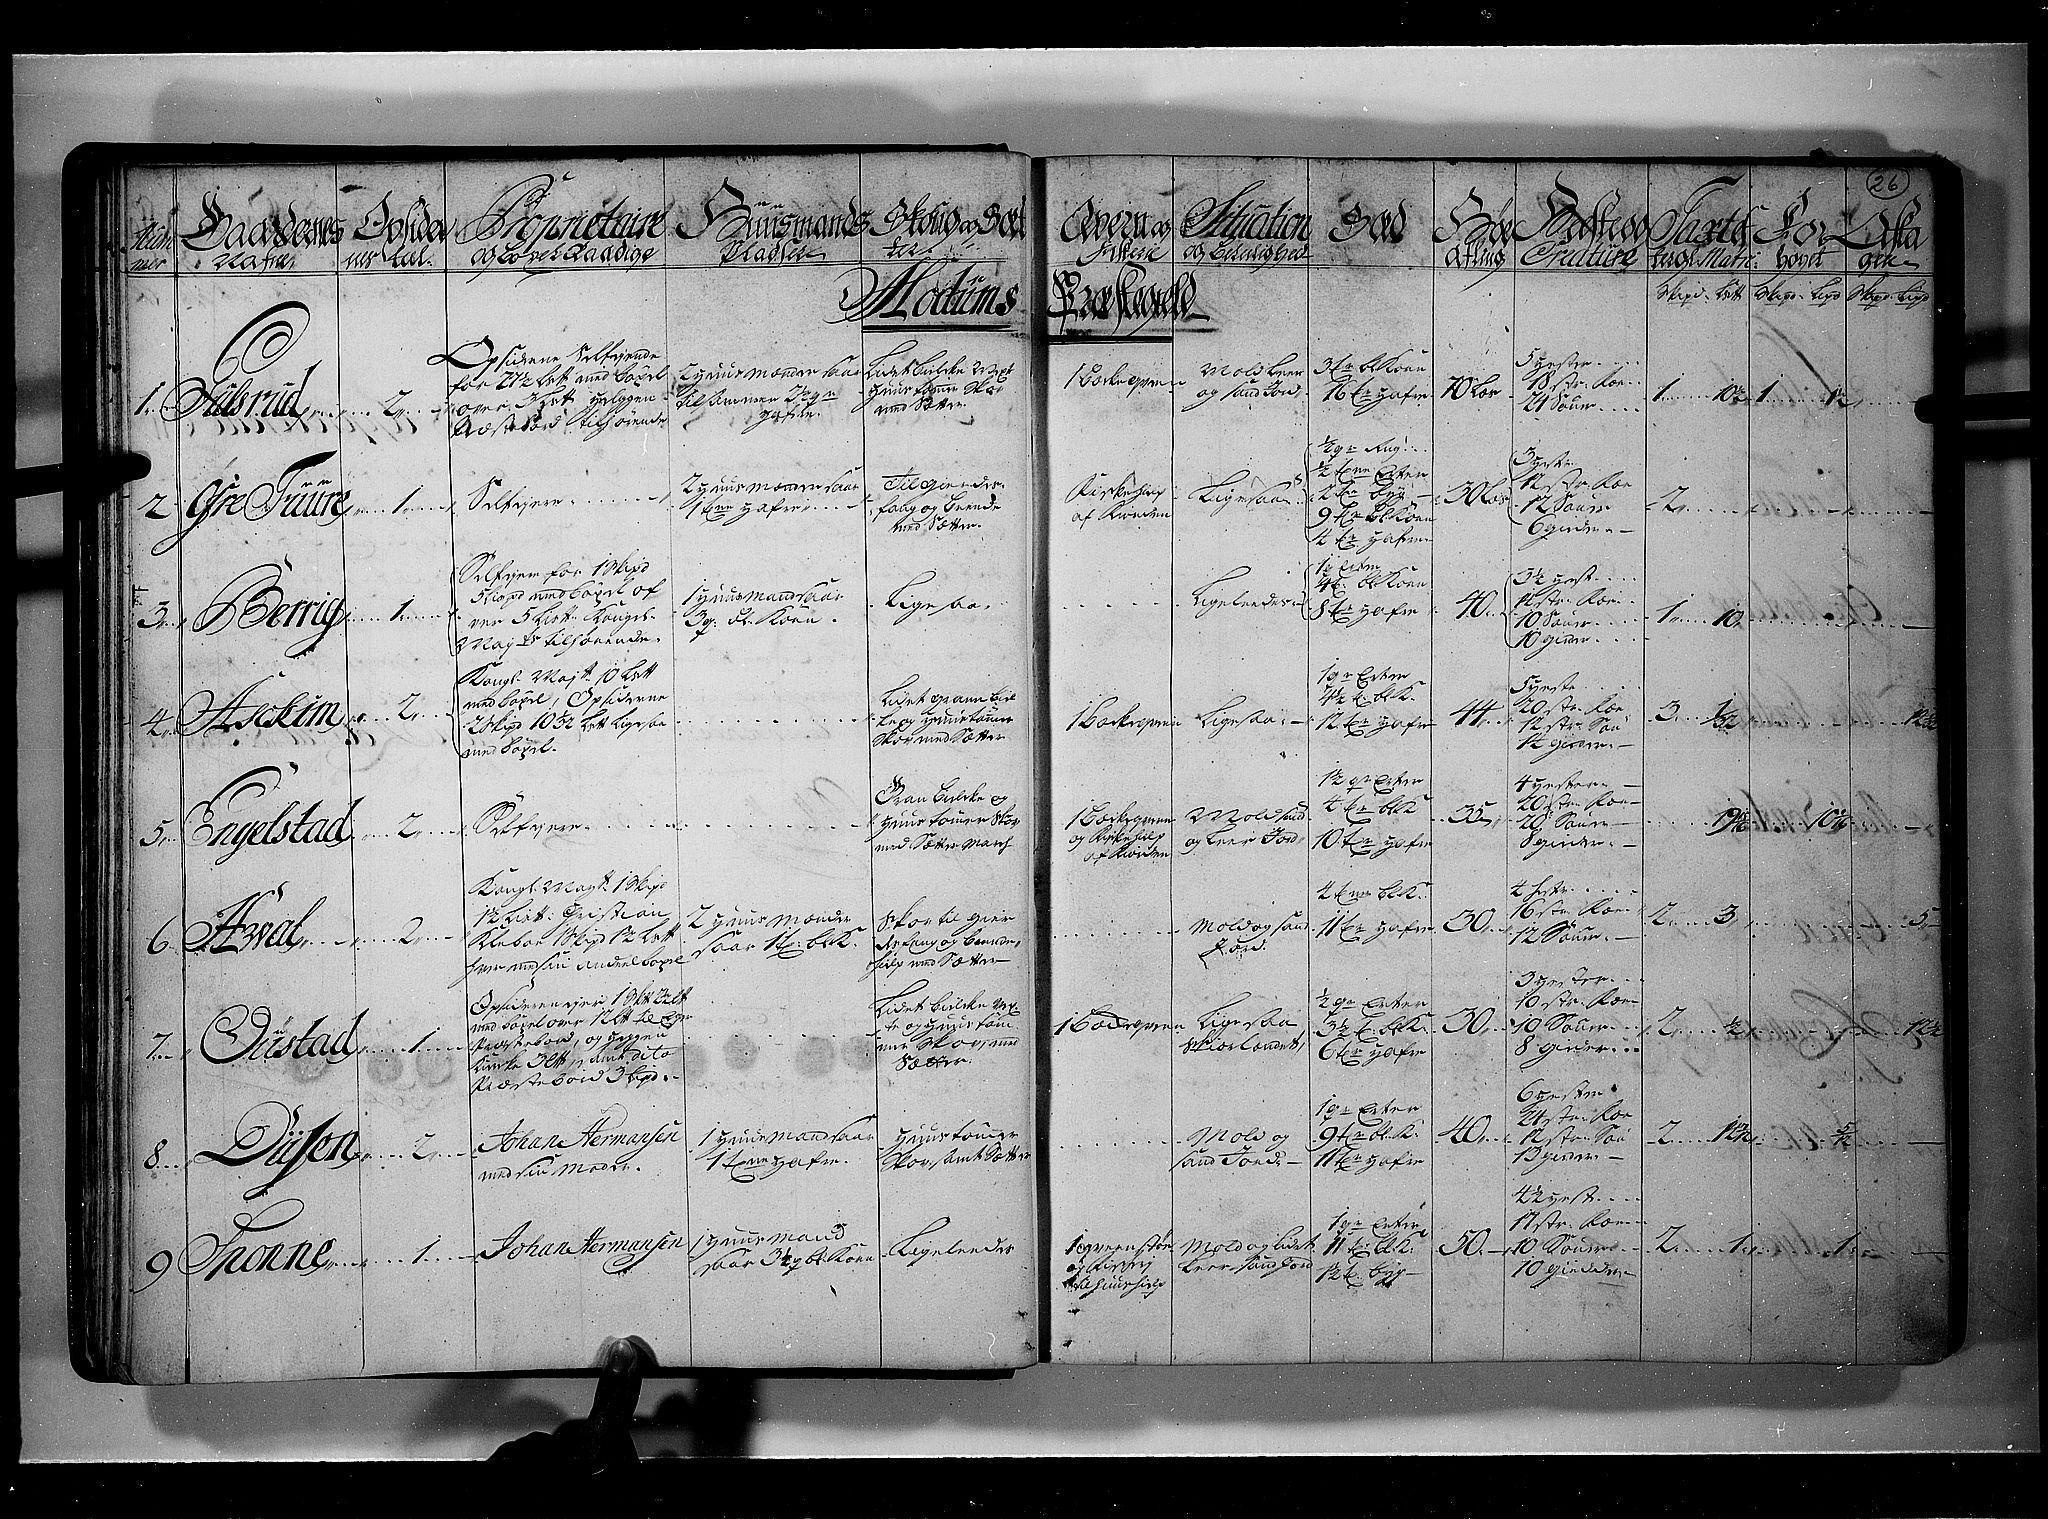 RA, Rentekammeret inntil 1814, Realistisk ordnet avdeling, N/Nb/Nbf/L0111: Buskerud eksaminasjonsprotokoll, 1723, s. 25b-26a